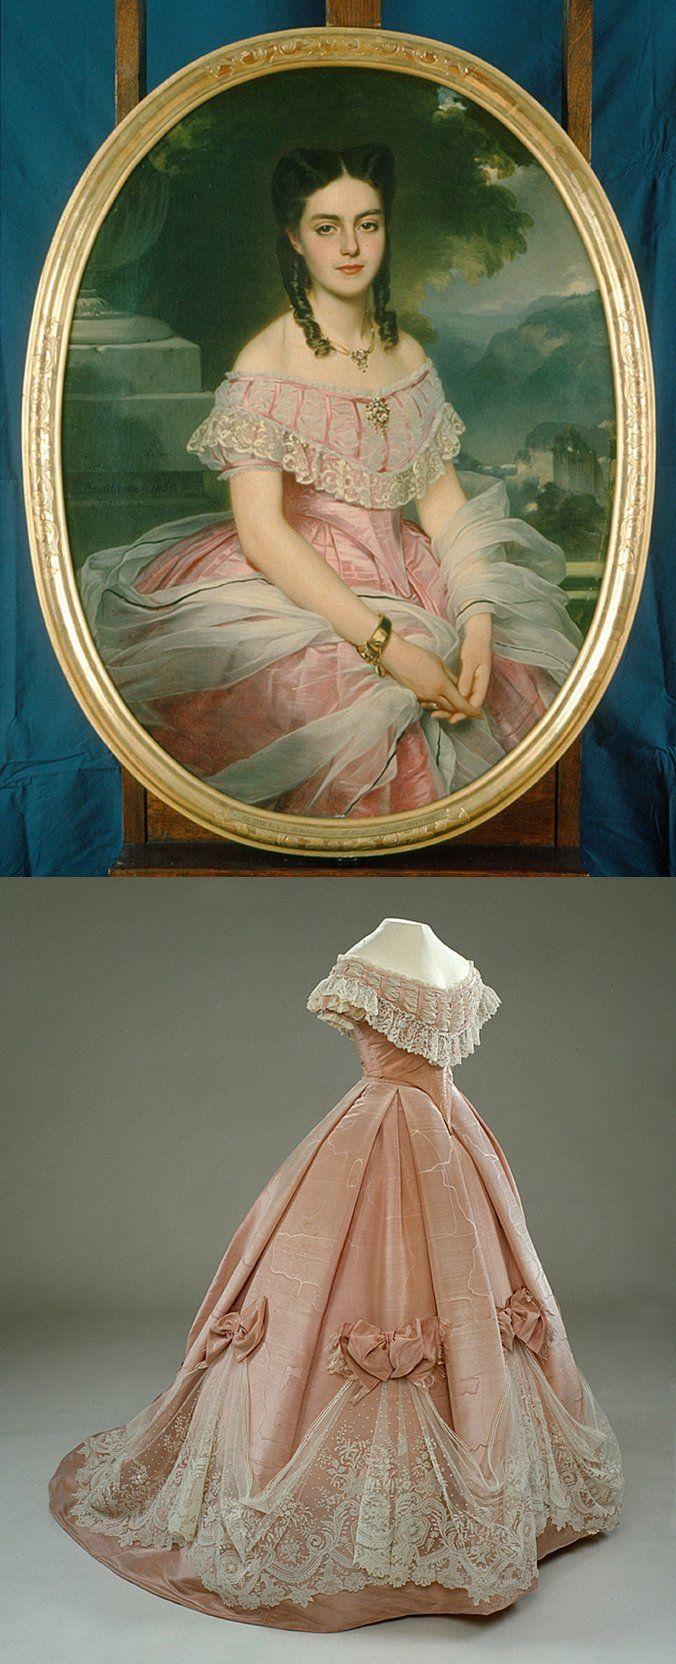 手机壳定制childrens shoe stores montreal Portrait of Countess Anna von Hallwyl    by Boutibonne Dress    by W W Ullberg amp Comp  See comments below for links to portrait and dress